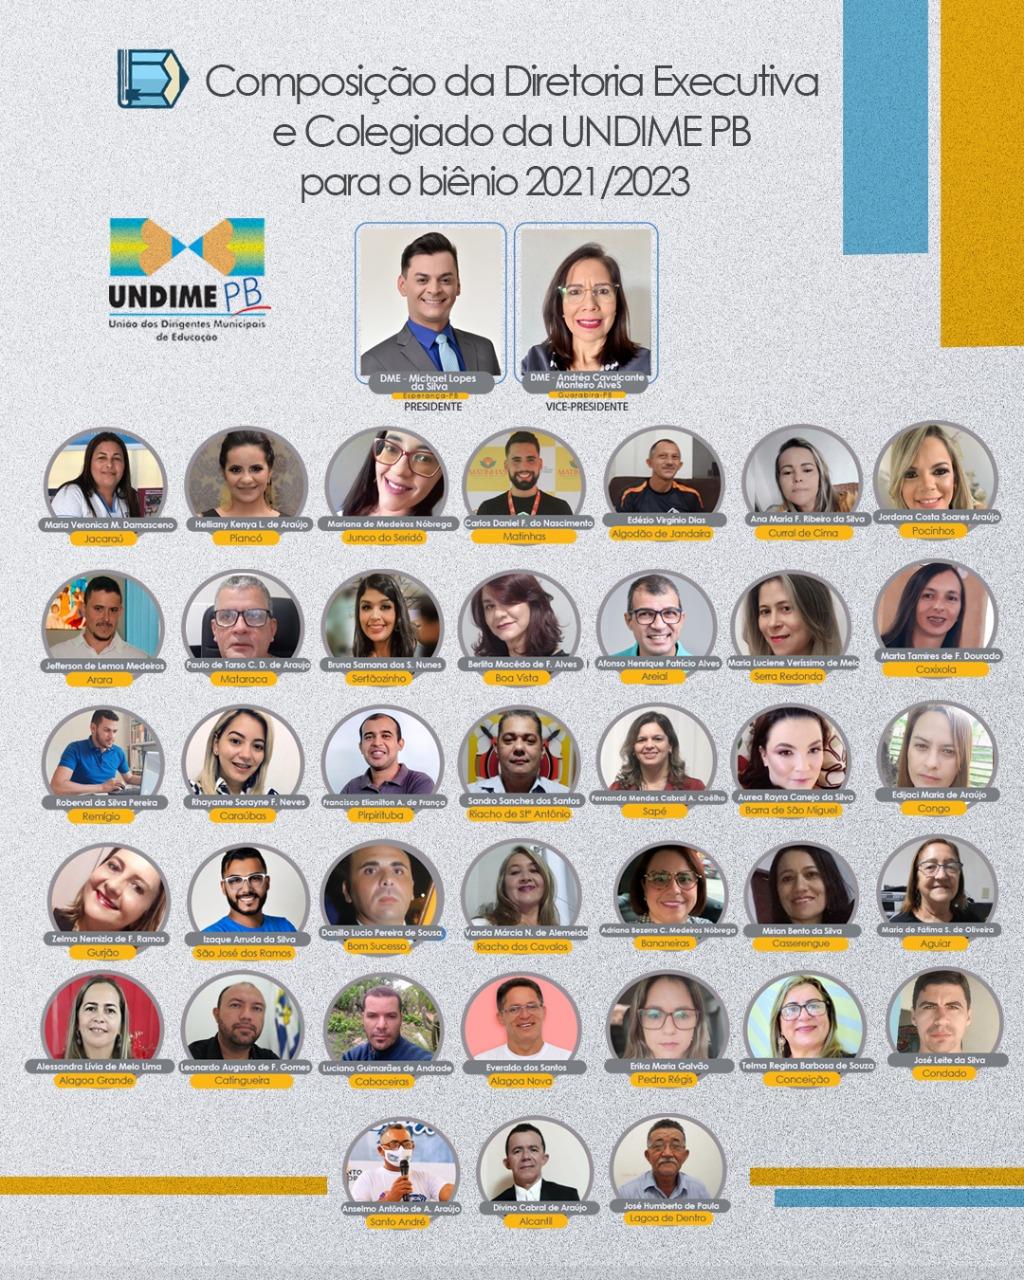 Undime PB realiza Fórum virtual e elege nova diretoria e colegiado para o biênio (2021/2023)